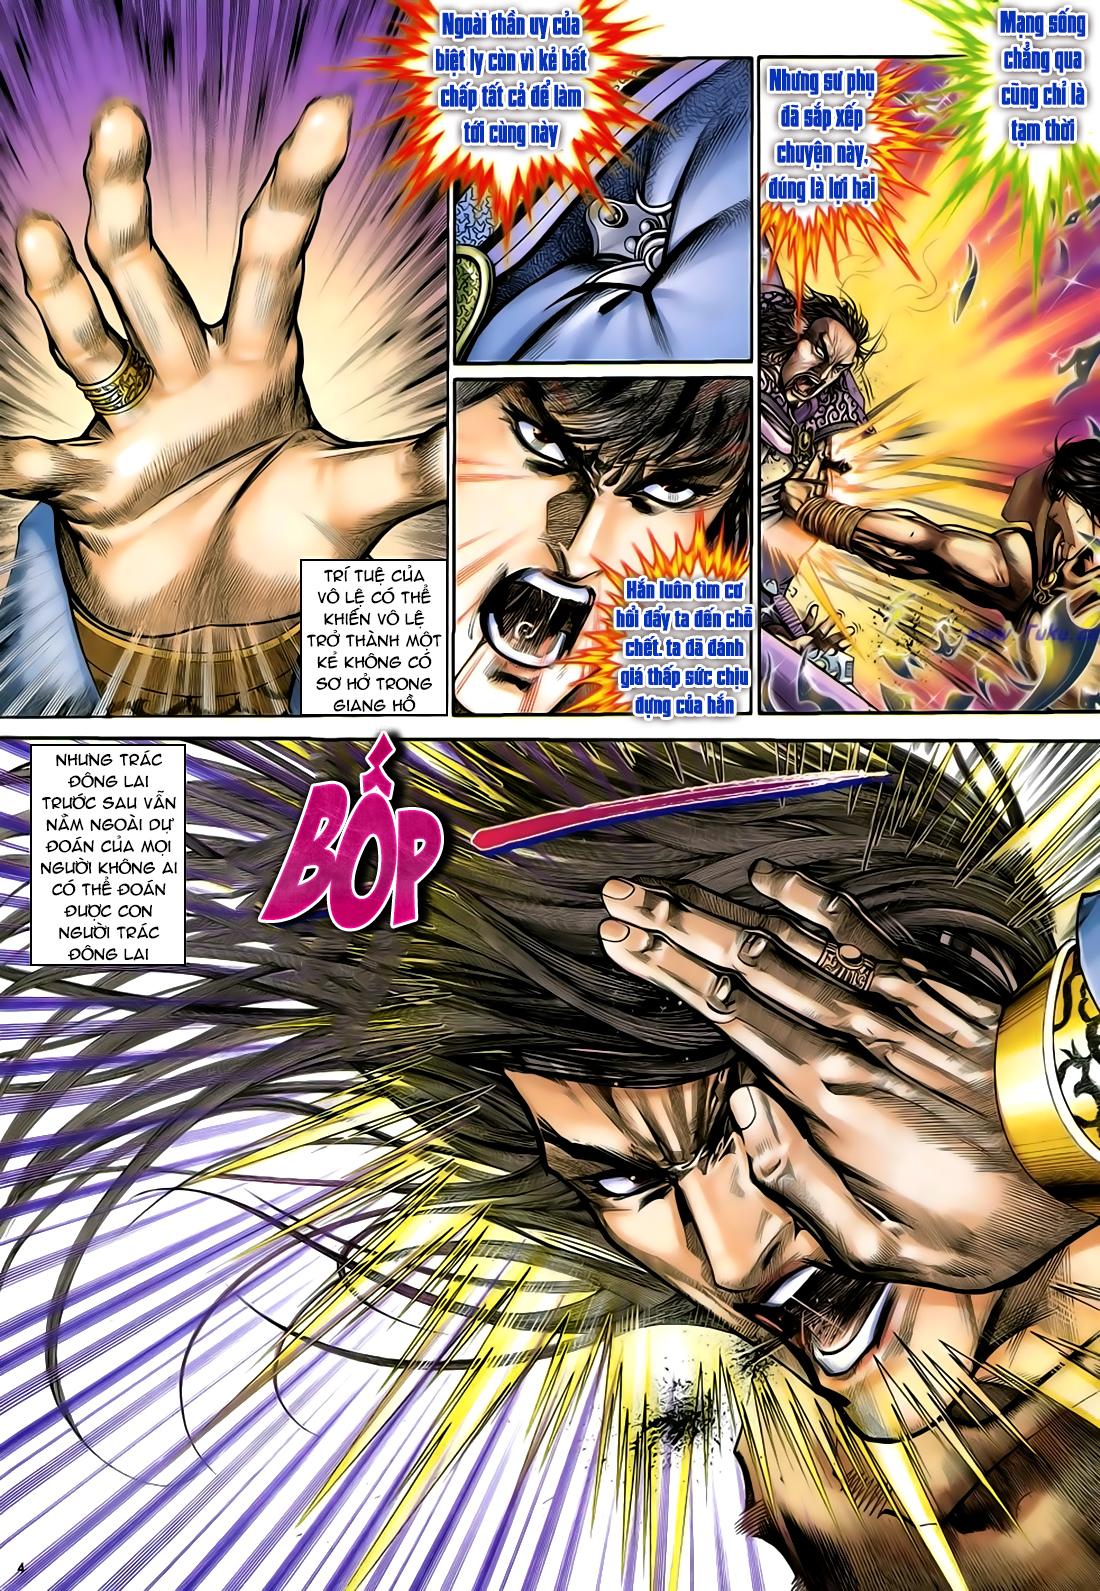 Anh hùng vô lệ Chap 29 trang 5